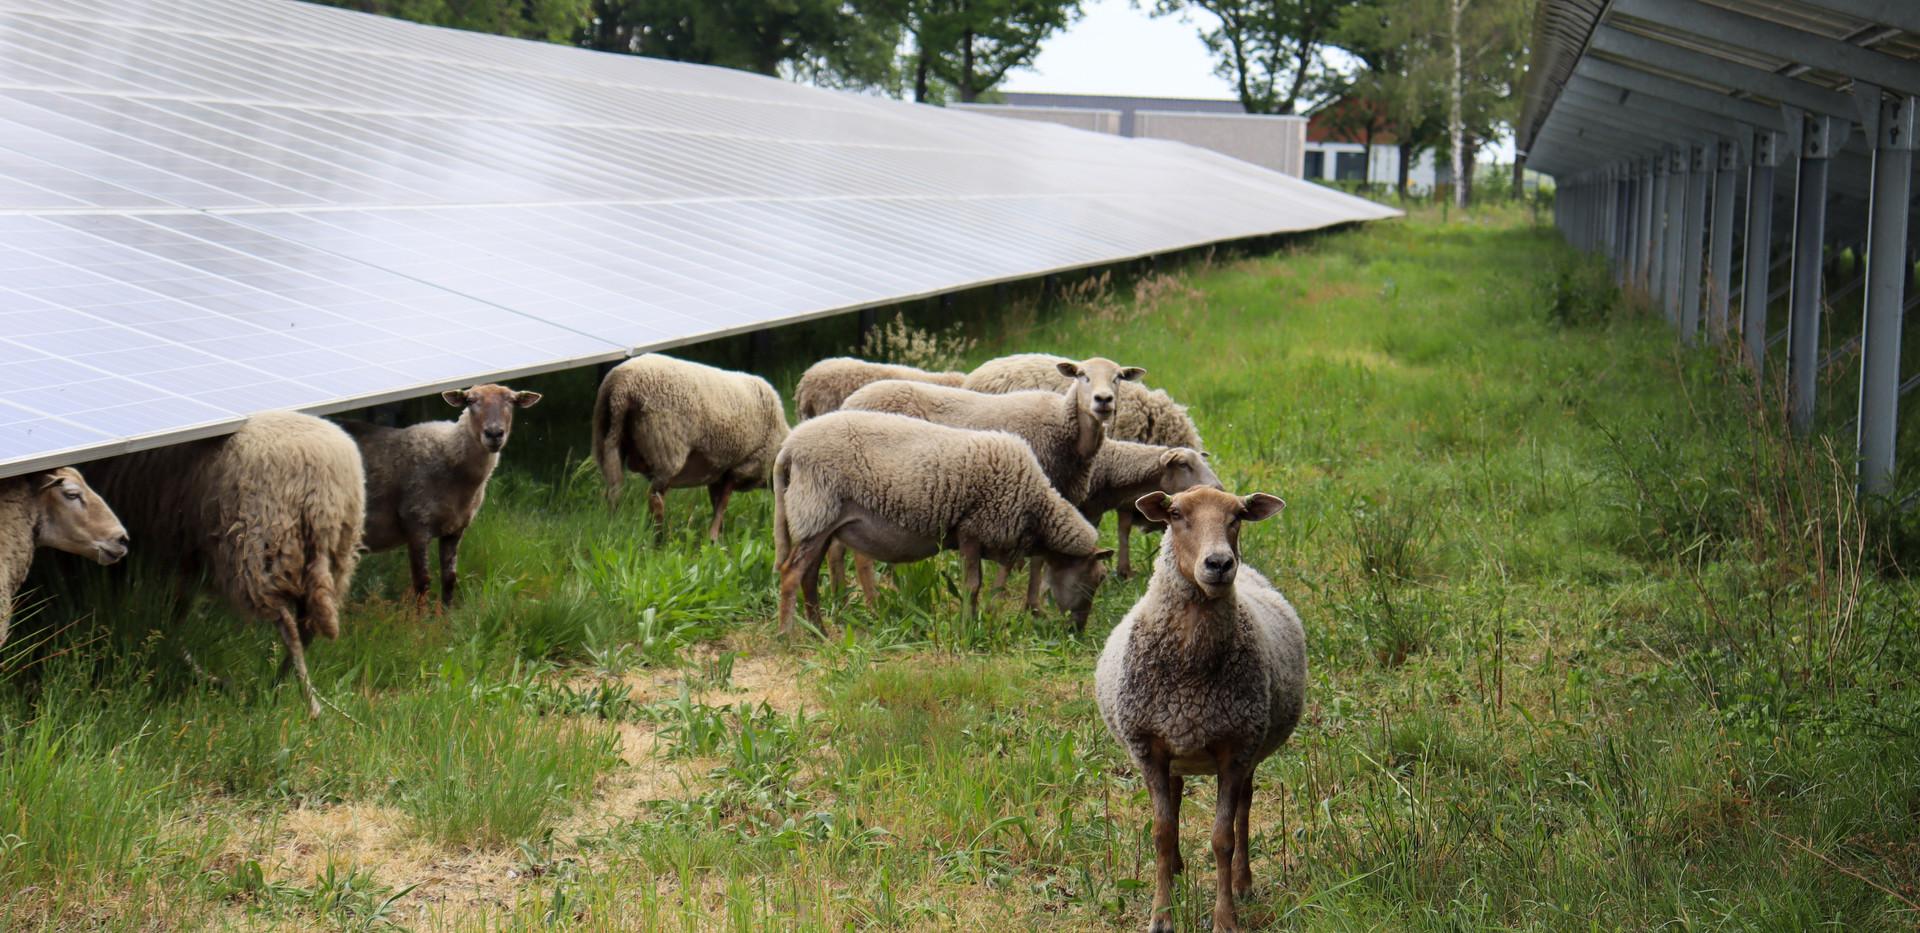 Nieuwsgierige schapen.jpg